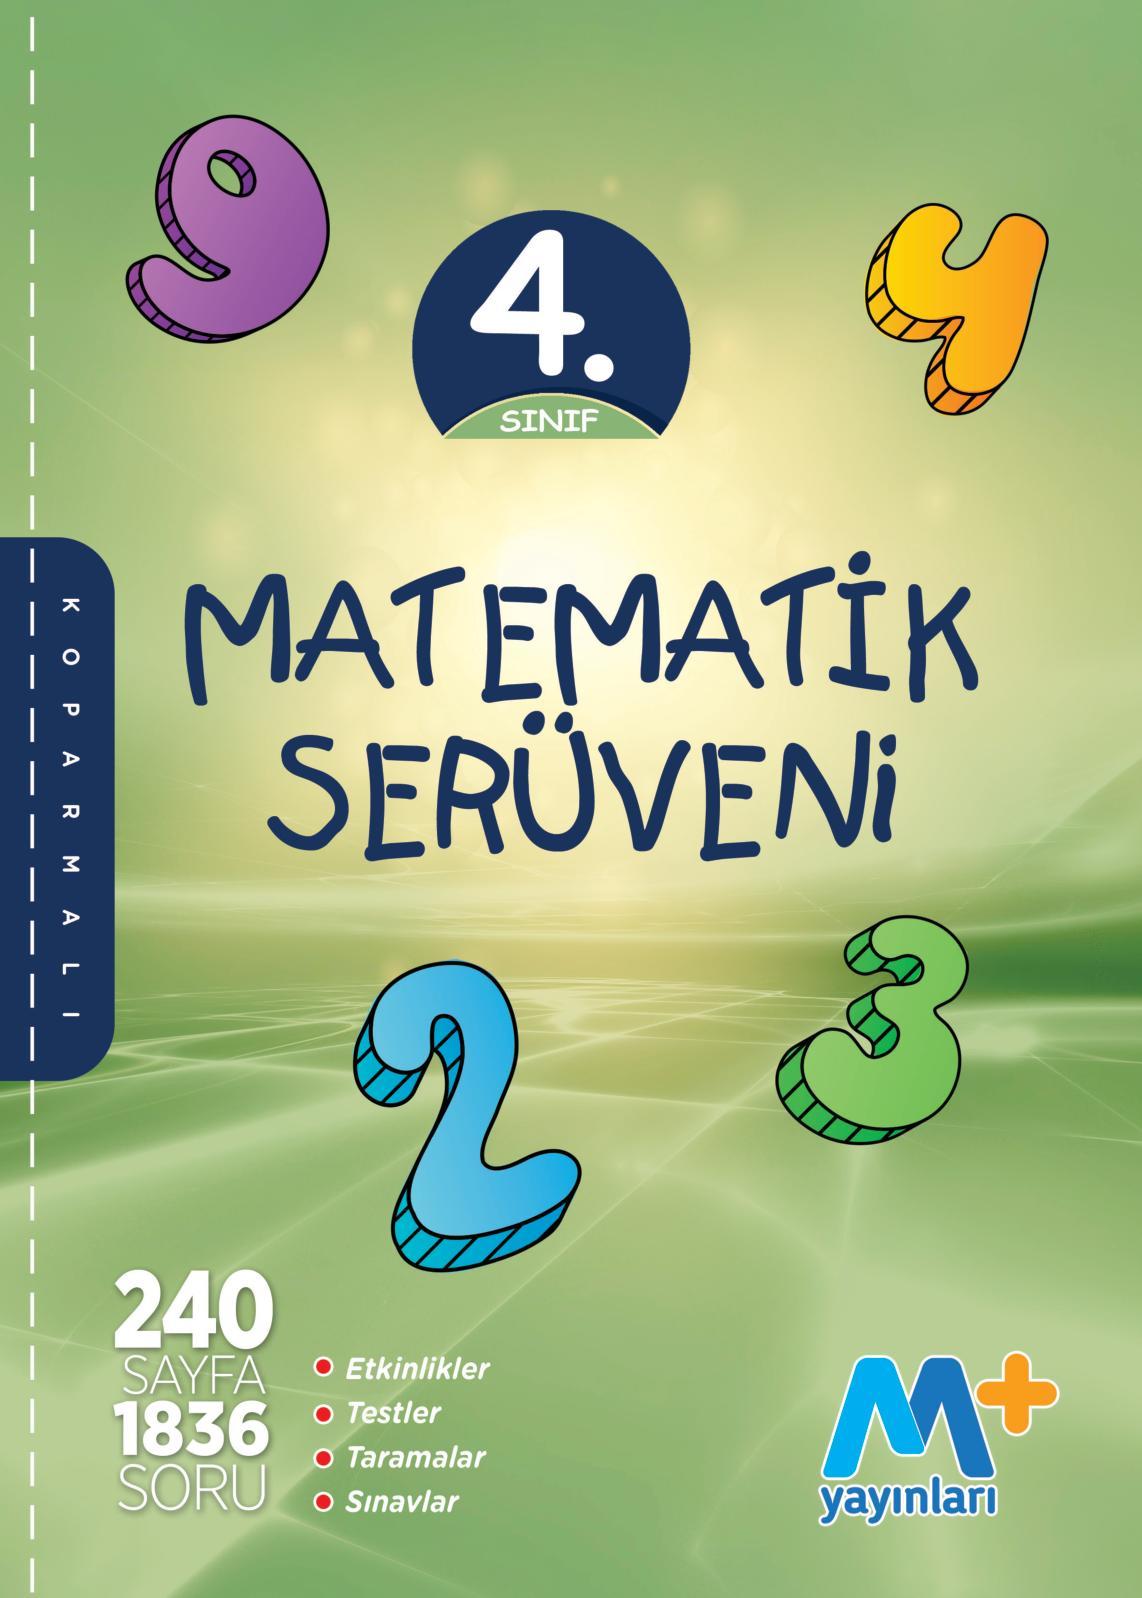 Calameo 4 Sinif Matematik Ders Kitabi Seruven Seti